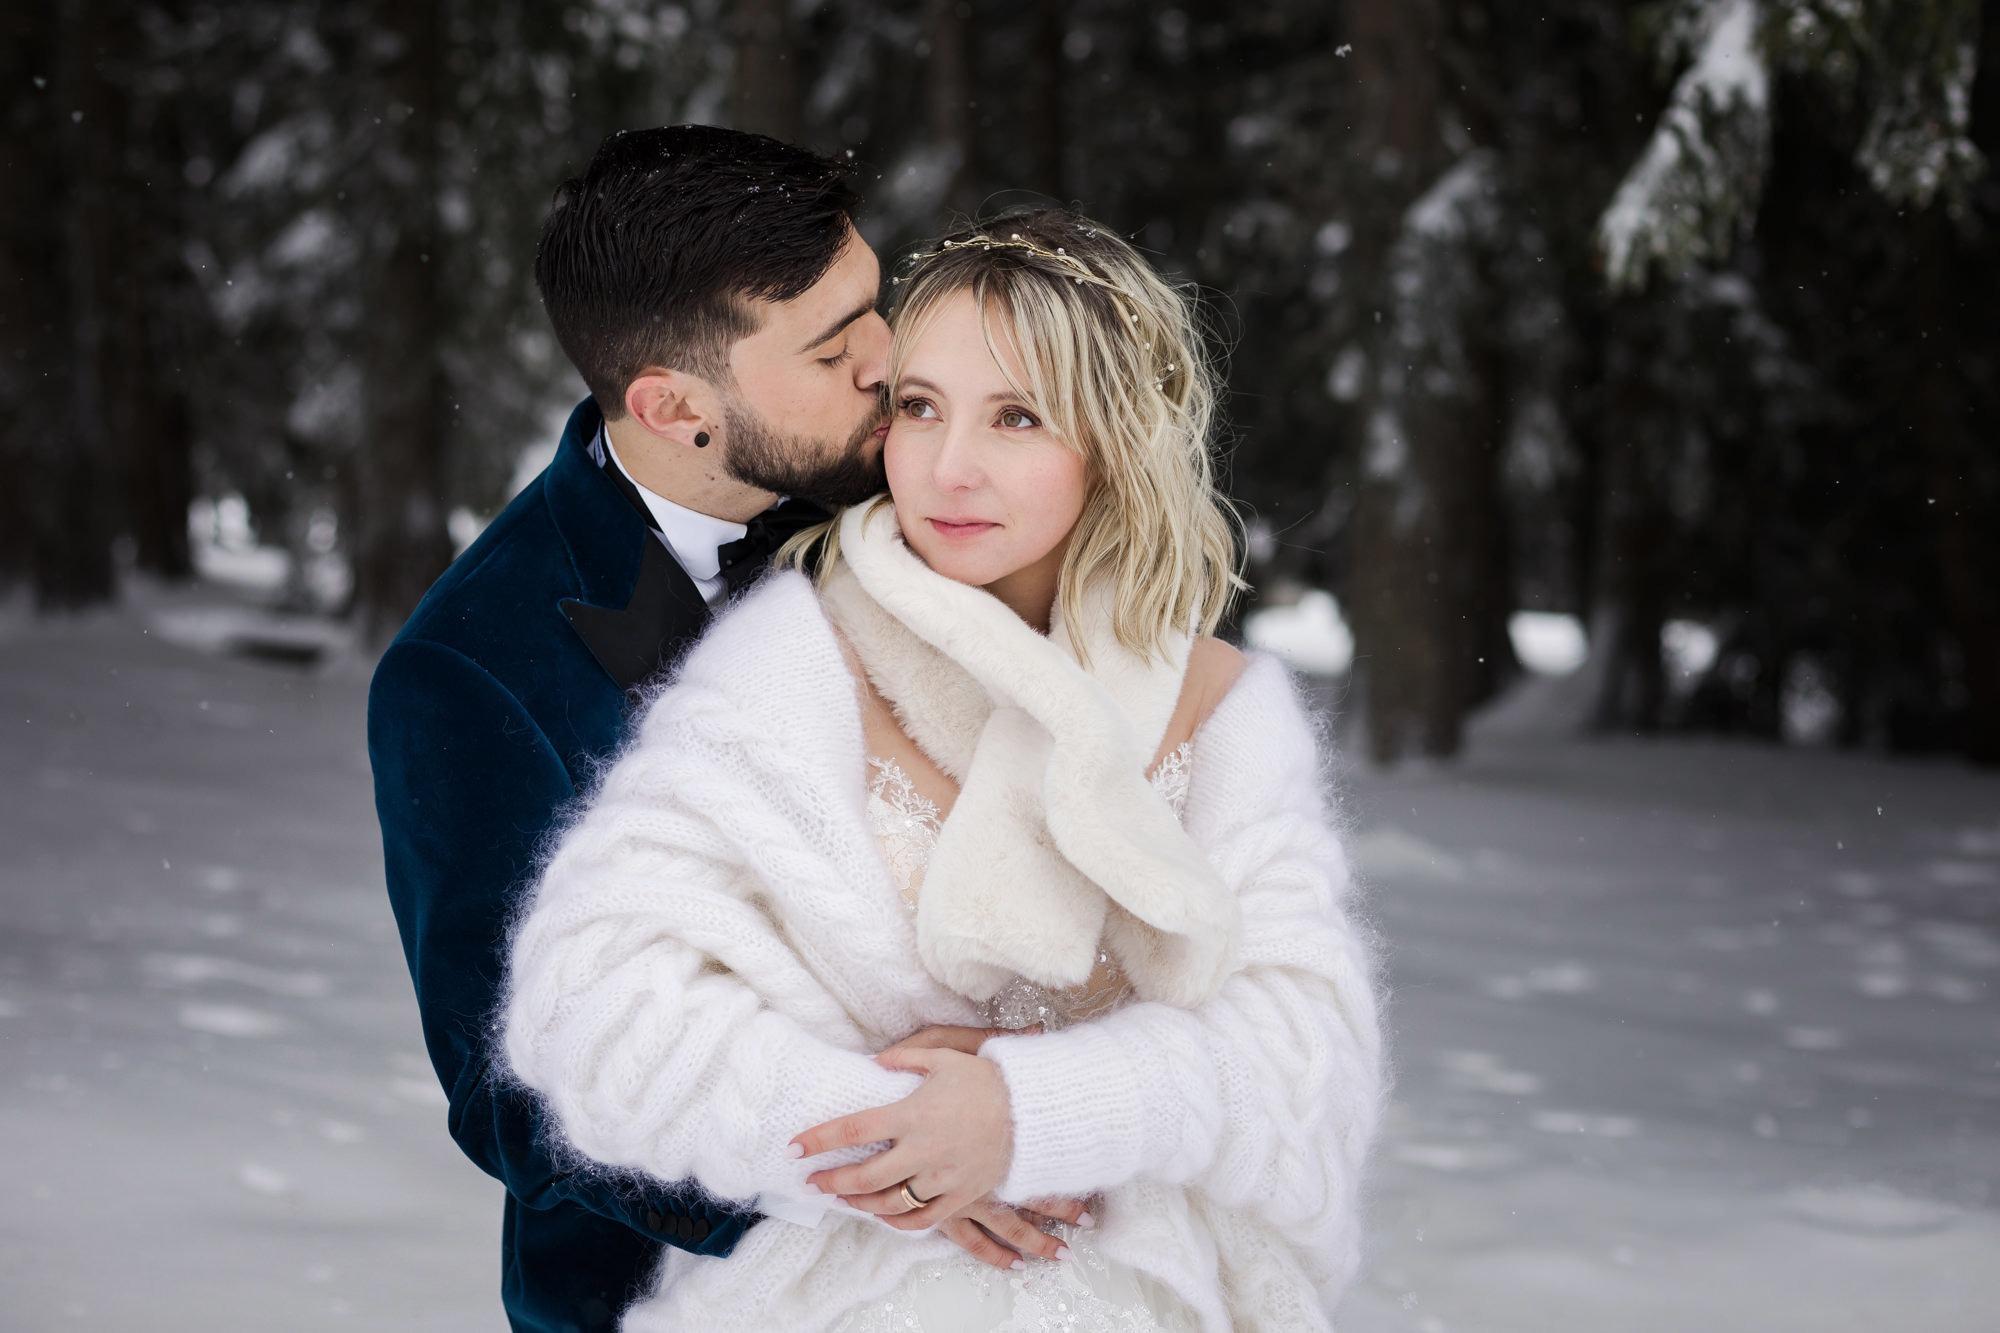 Mariage d'hiver : fugue amoureuse à la neige - les moments m - wedding planner lyon